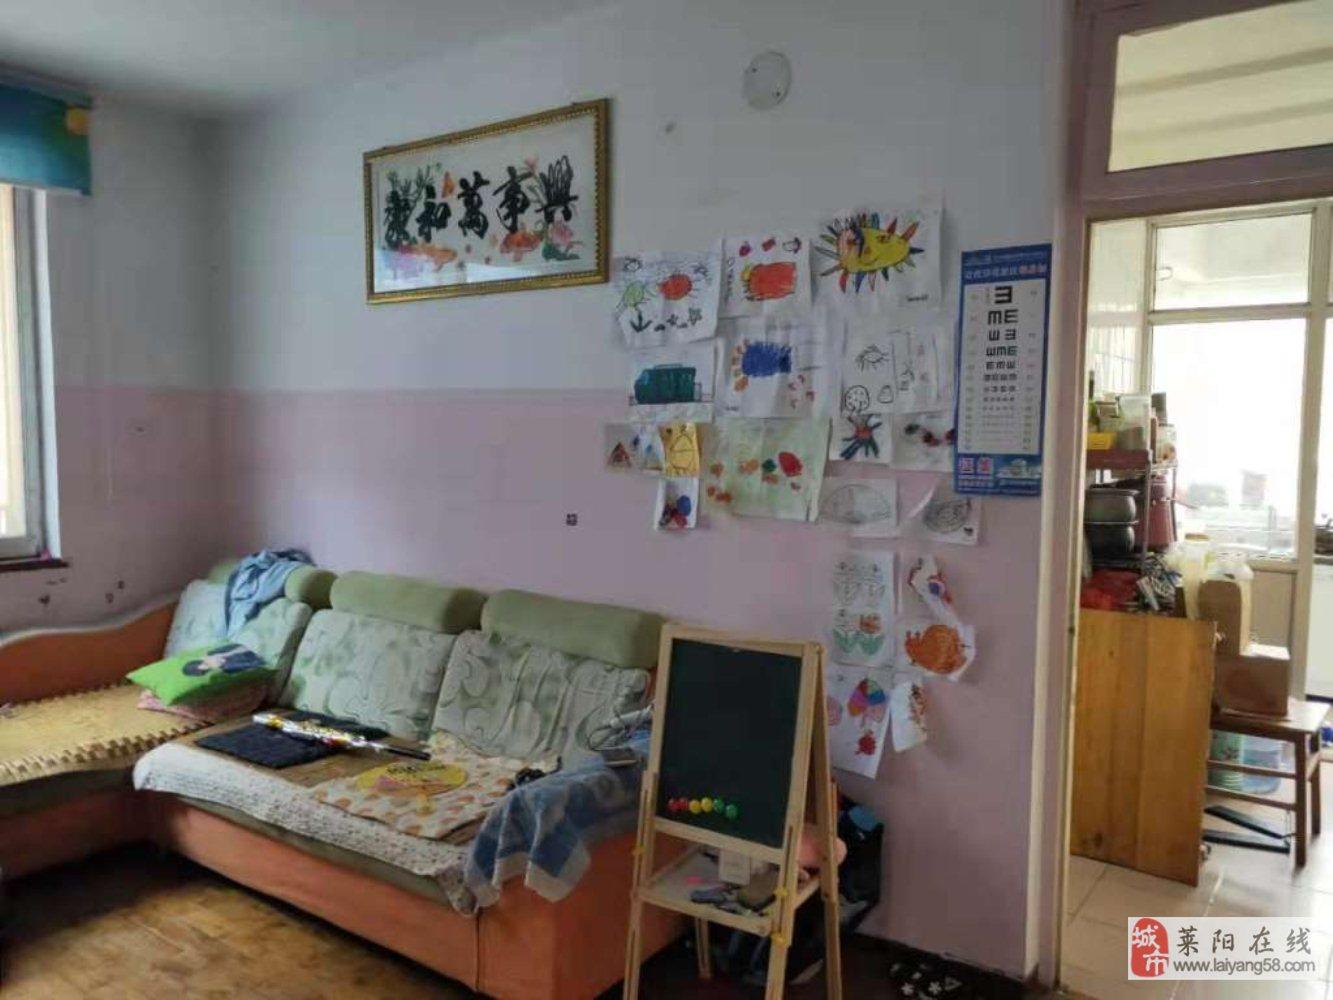 富水小区(盛隆富水小区)2室2厅1卫39.8万元